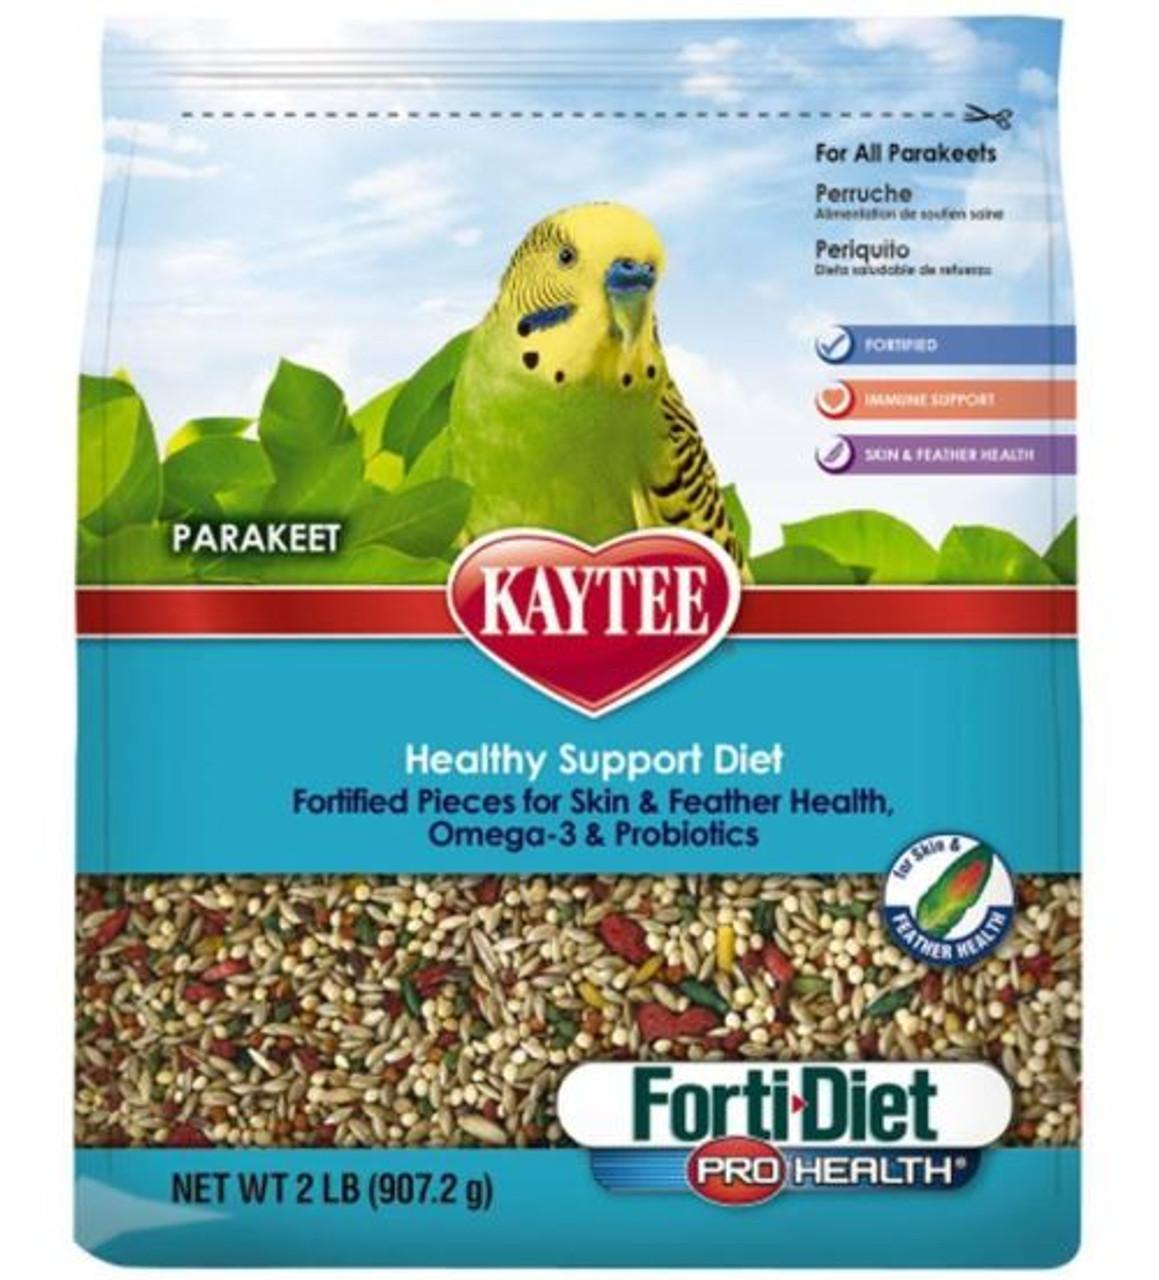 kaytee forti-diet parakeet food